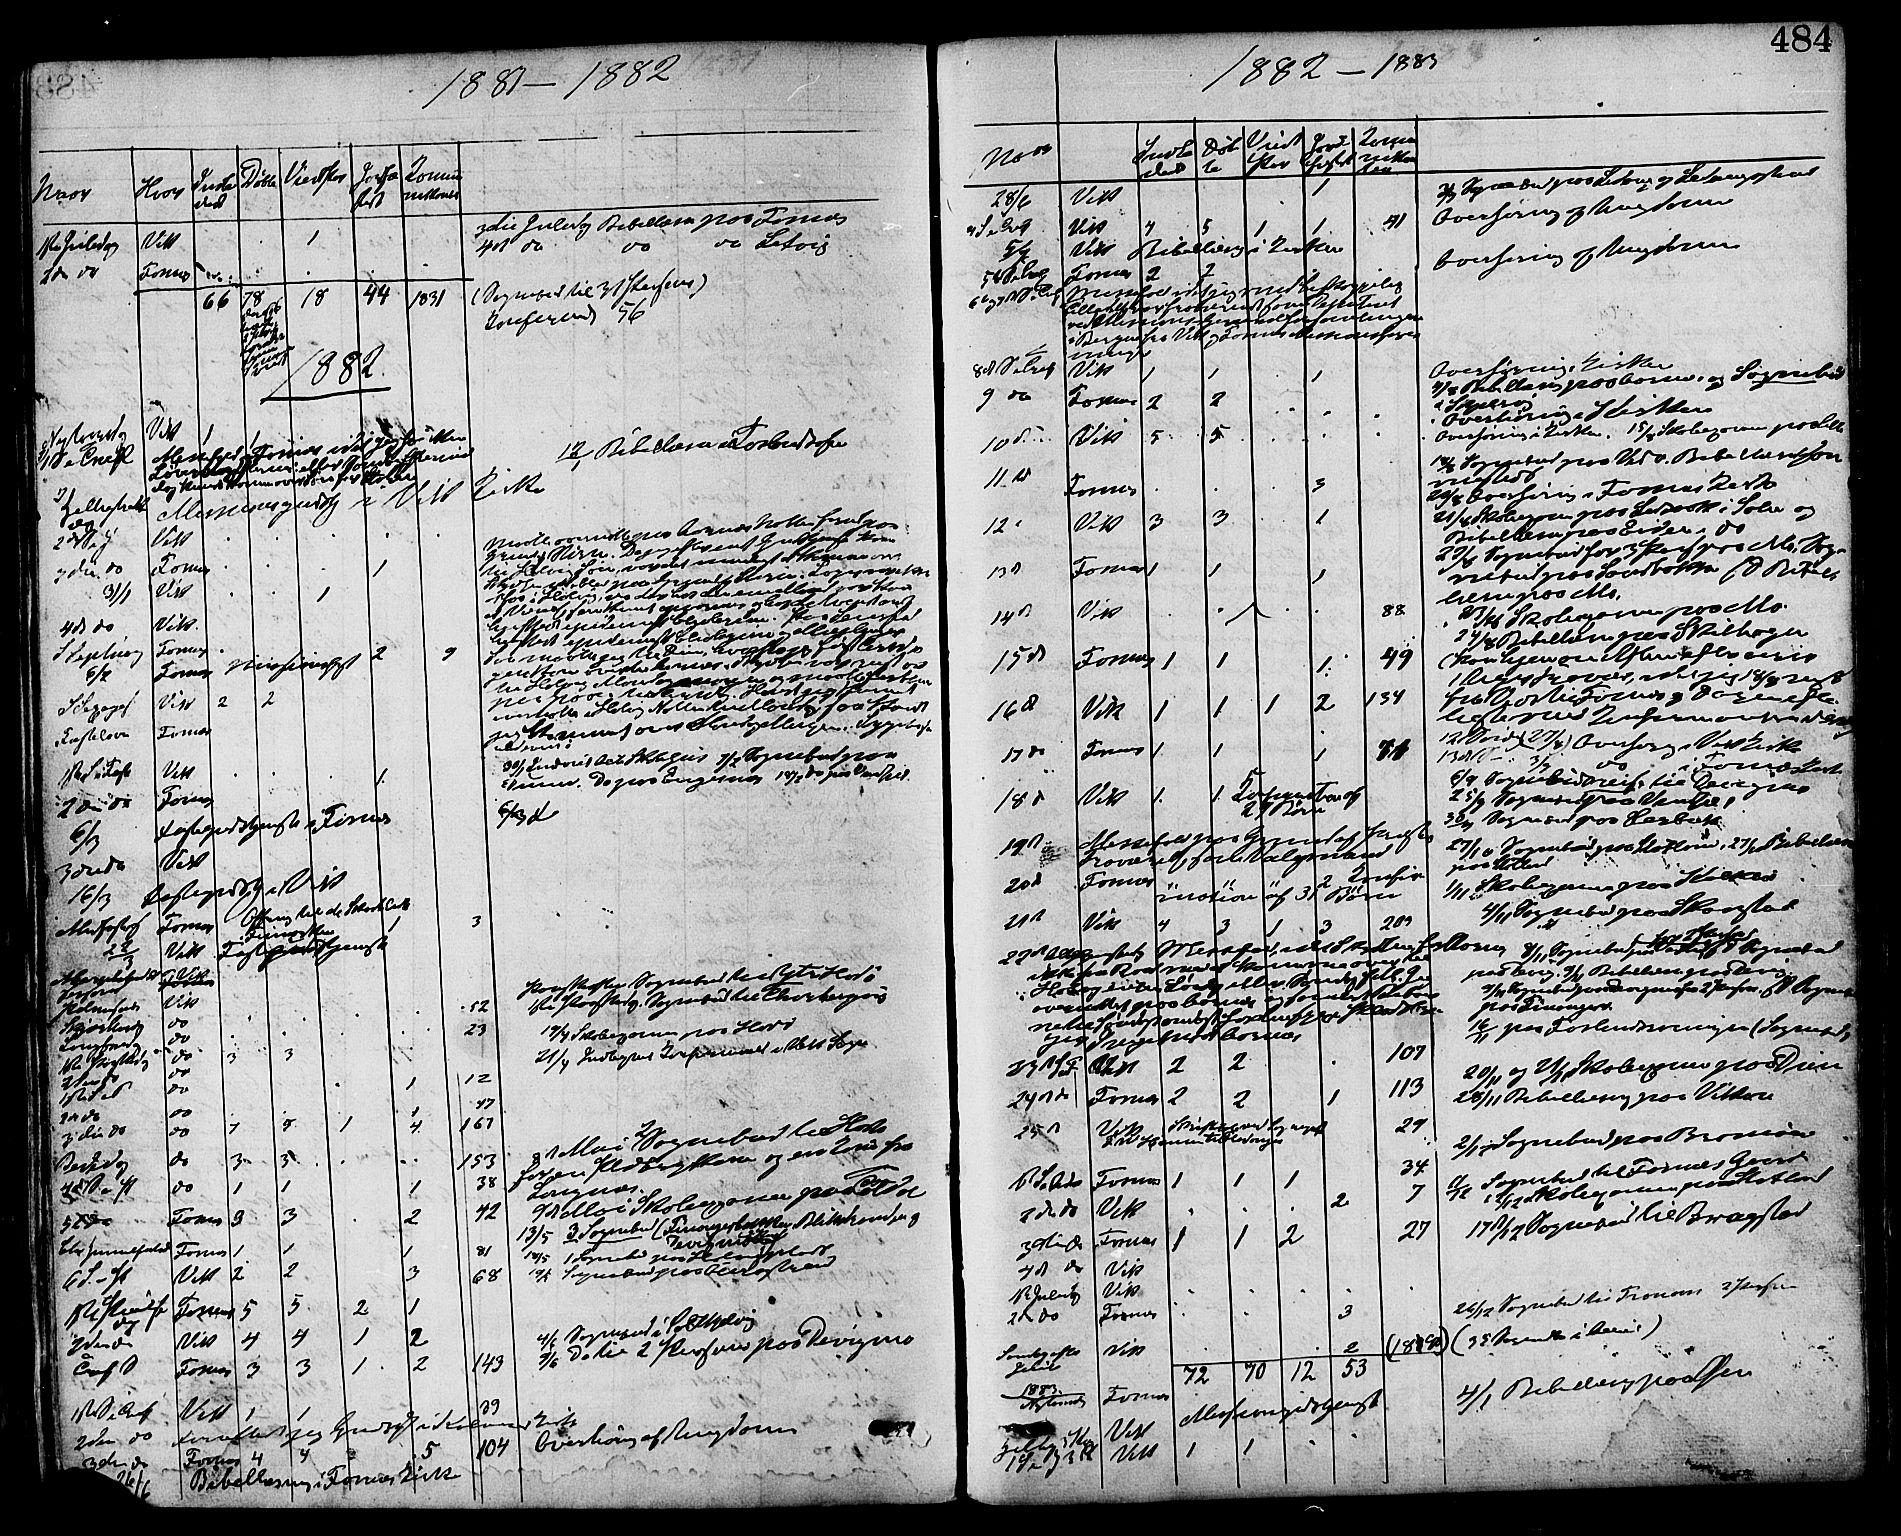 SAT, Ministerialprotokoller, klokkerbøker og fødselsregistre - Nord-Trøndelag, 773/L0616: Ministerialbok nr. 773A07, 1870-1887, s. 484